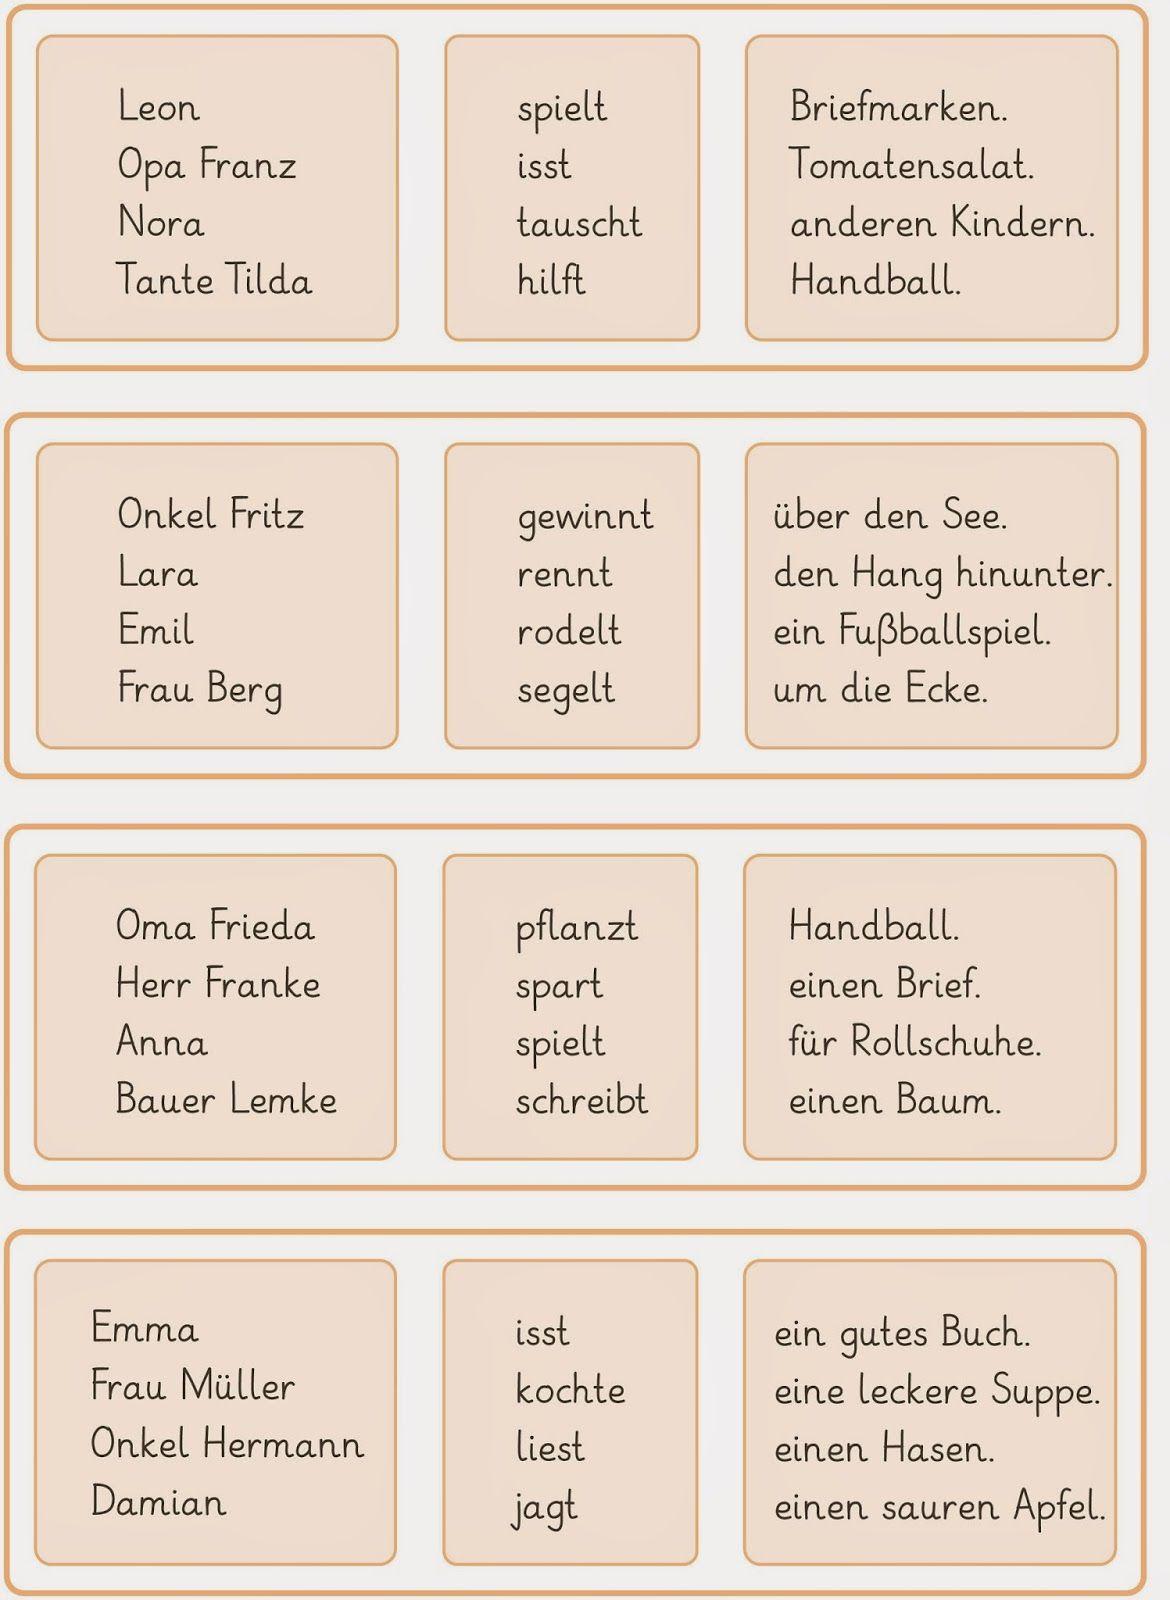 Pin von Lucy Luuu auf Deutsch | Pinterest | Deutsch, Schule und ...